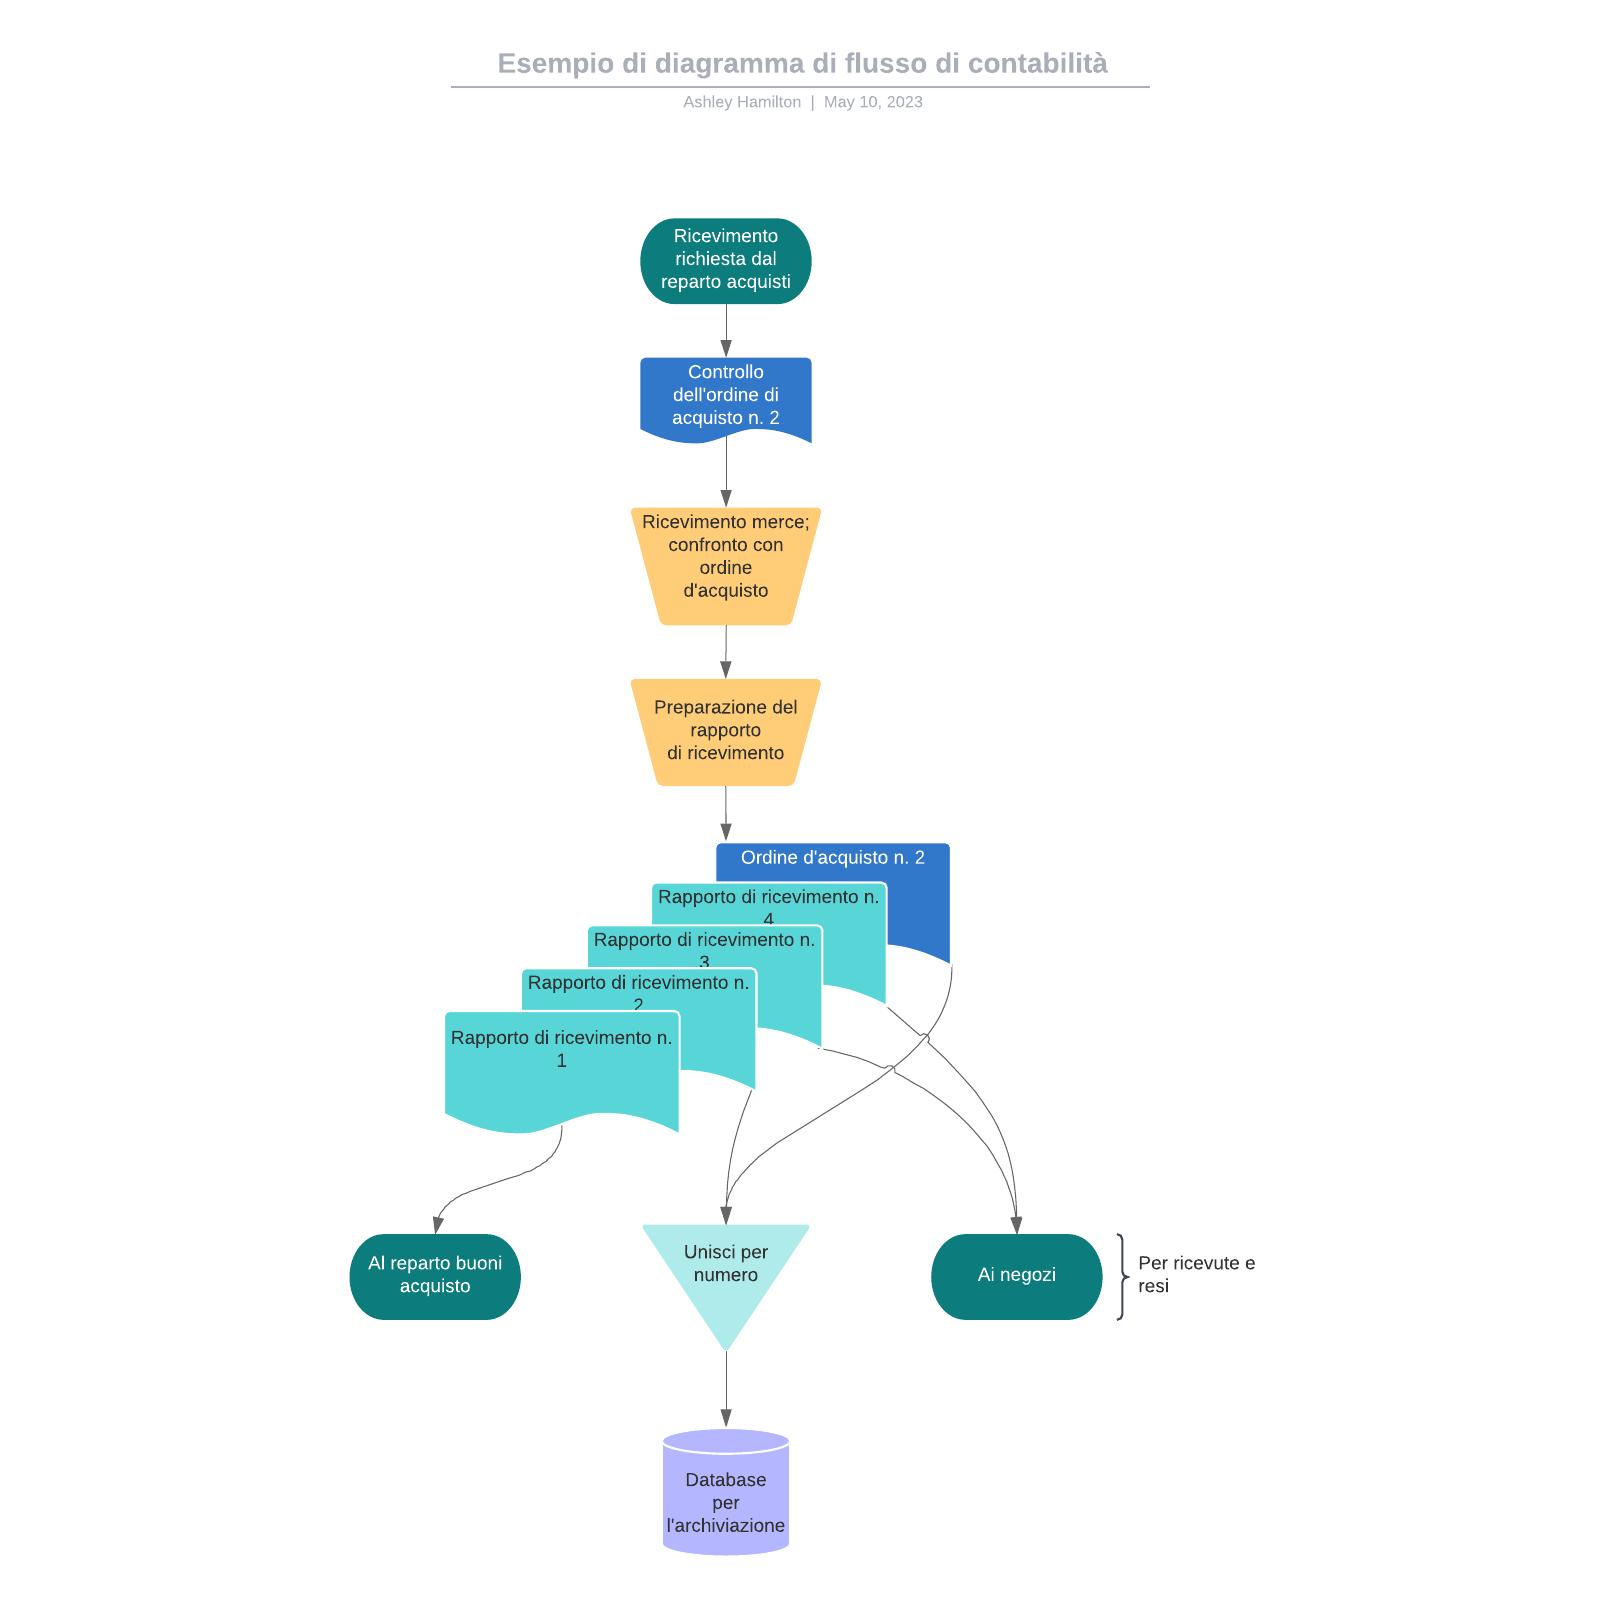 Esempio di diagramma di flusso di contabilità